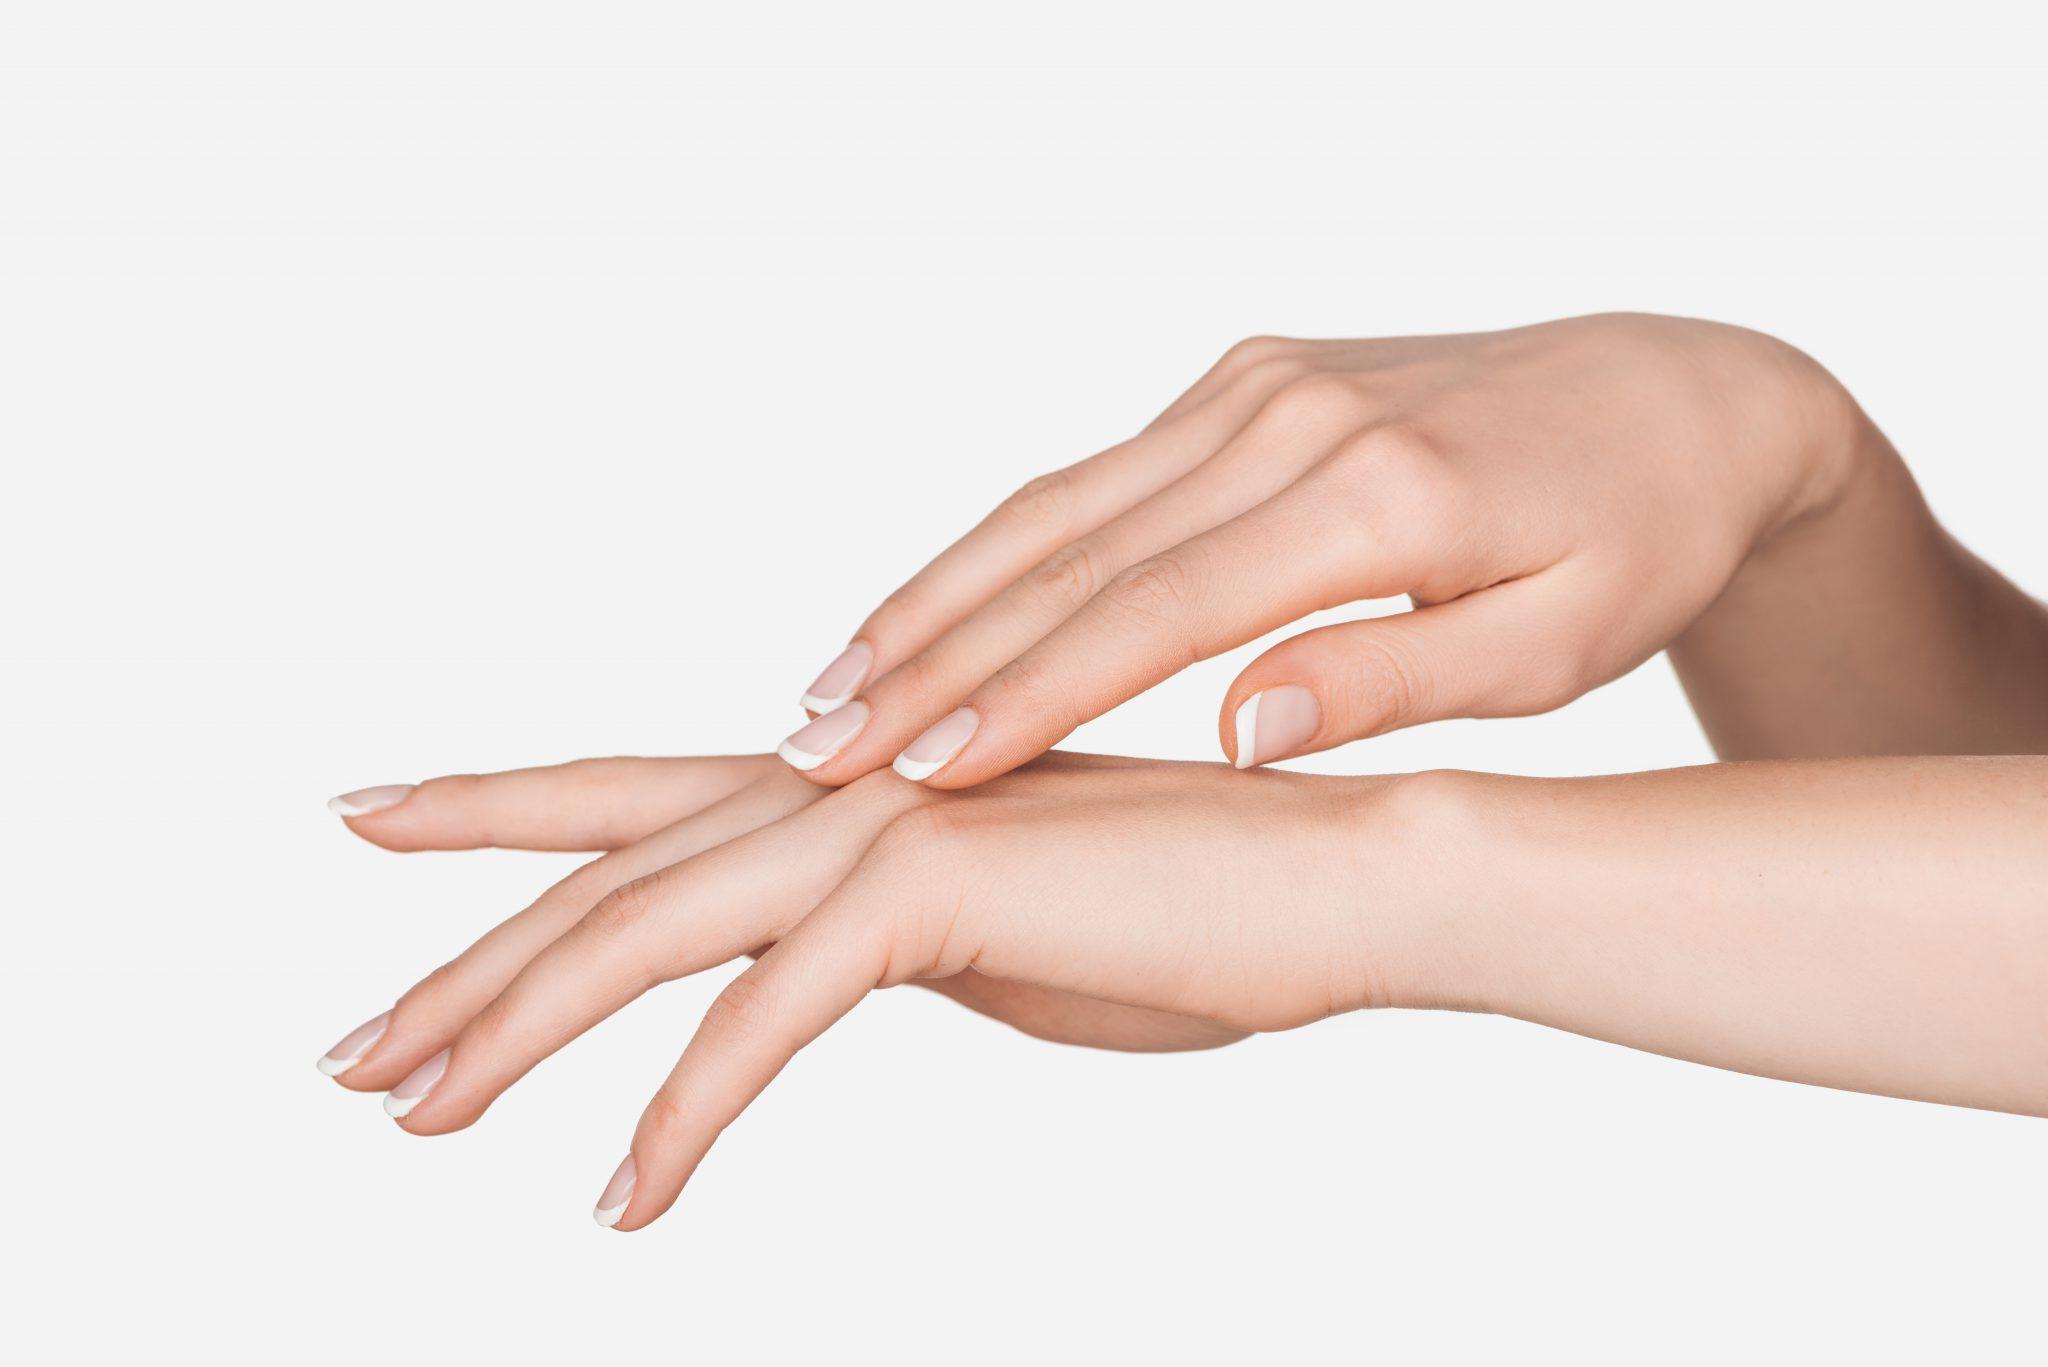 Odmładzanie dłoni kwasem hialuronowym